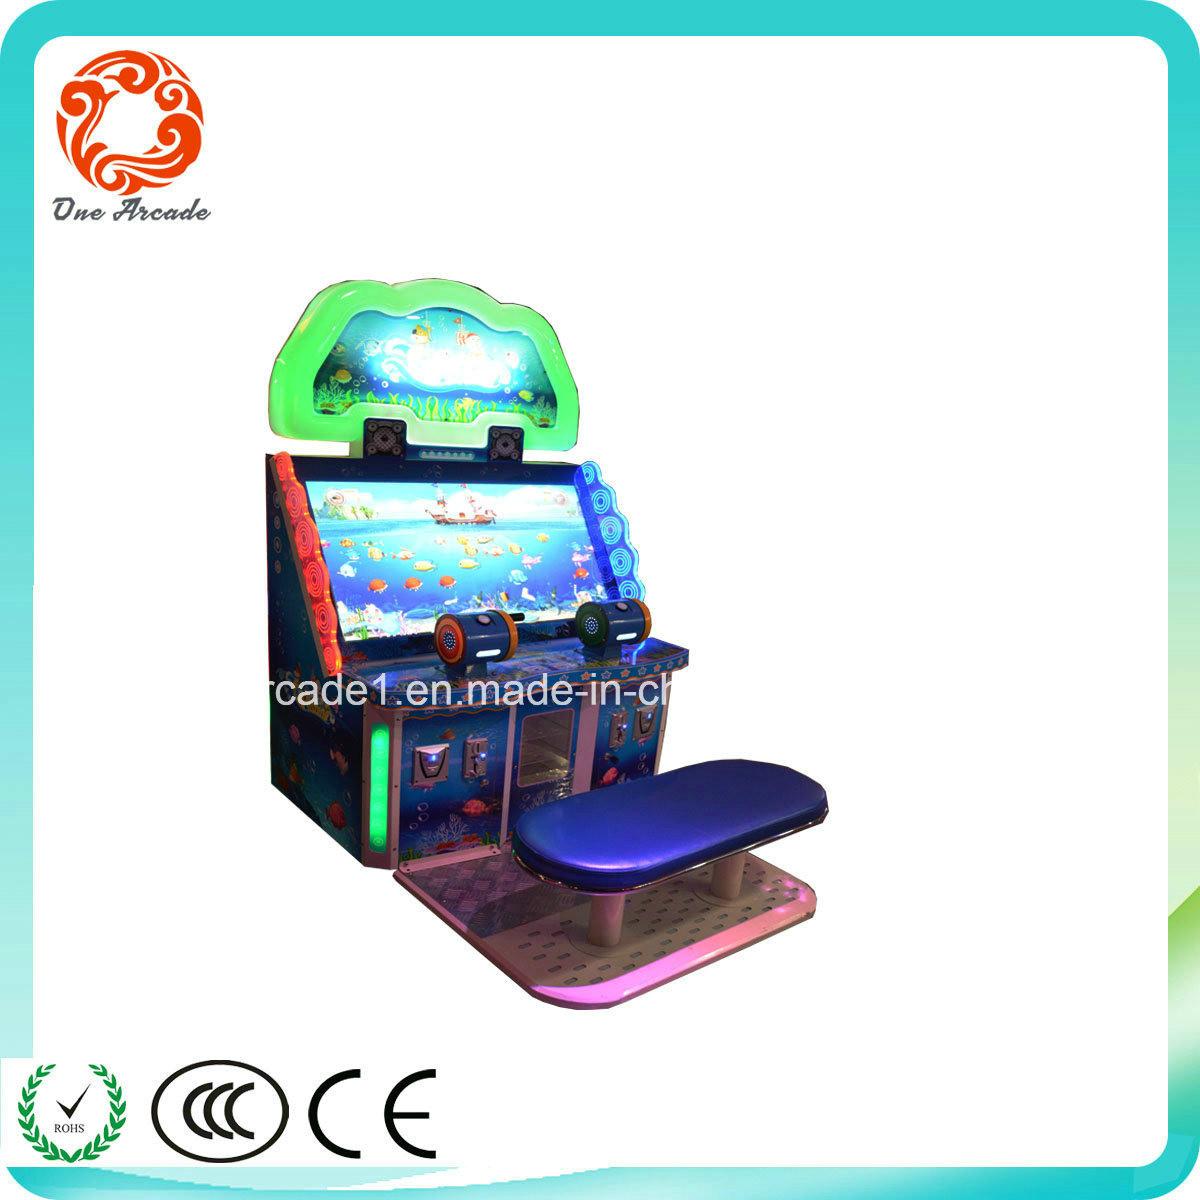 2016 New Go Fishing Arcade Fishing Game Machine